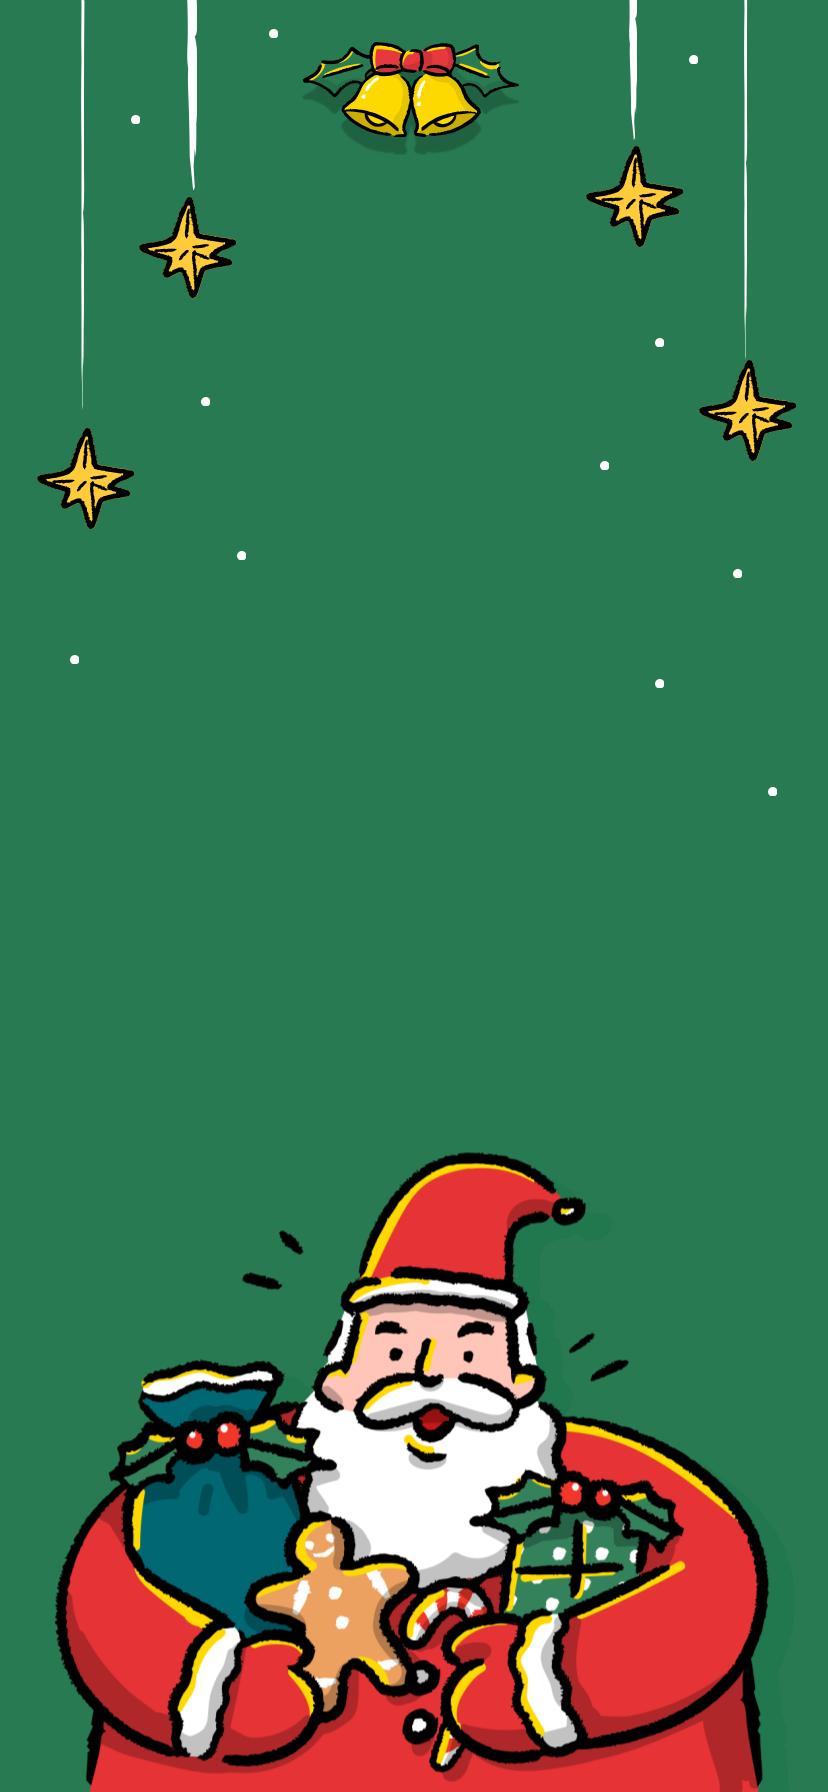 귀여운 아이폰11 Pro 고화질 크리스마스 배경화면 귀여운 크리스마스 배경화면 크리스마스 배경화면 배경화면